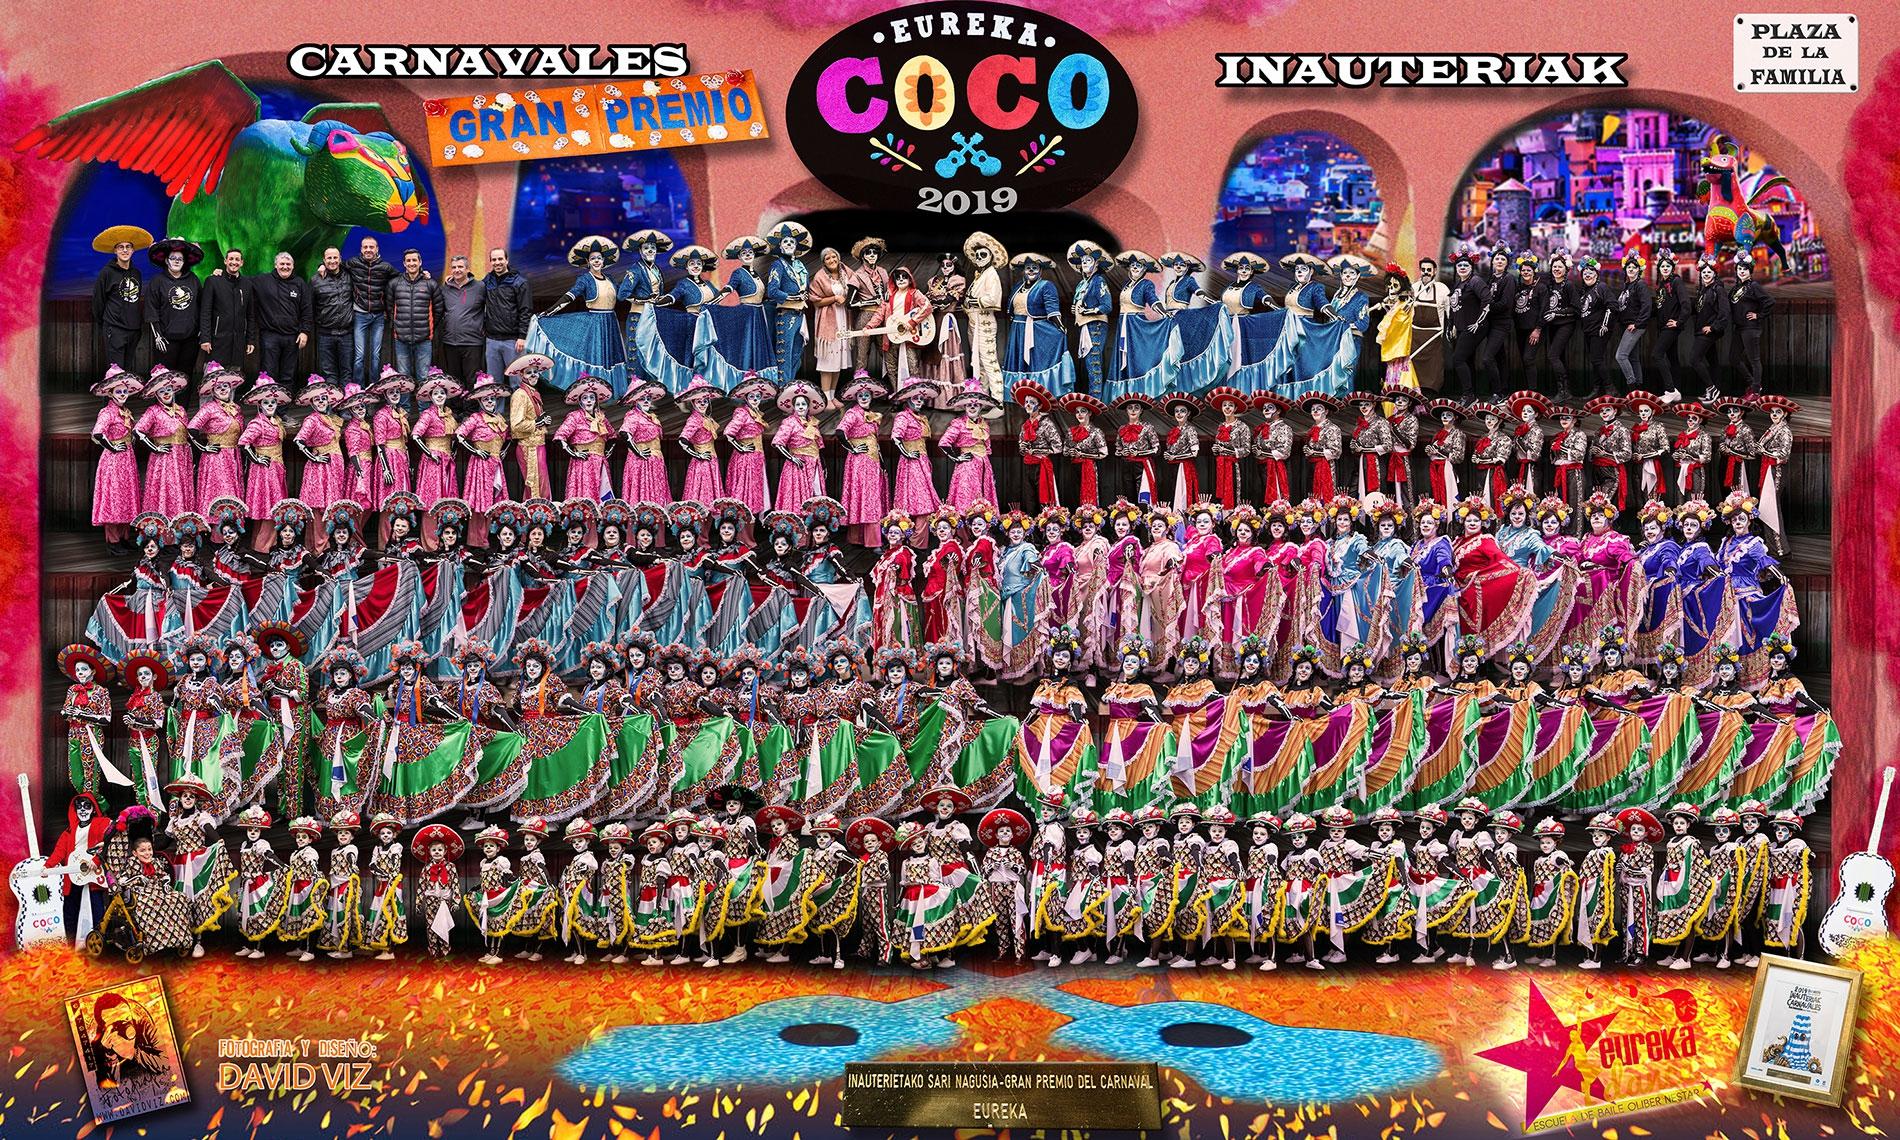 Coco - La película